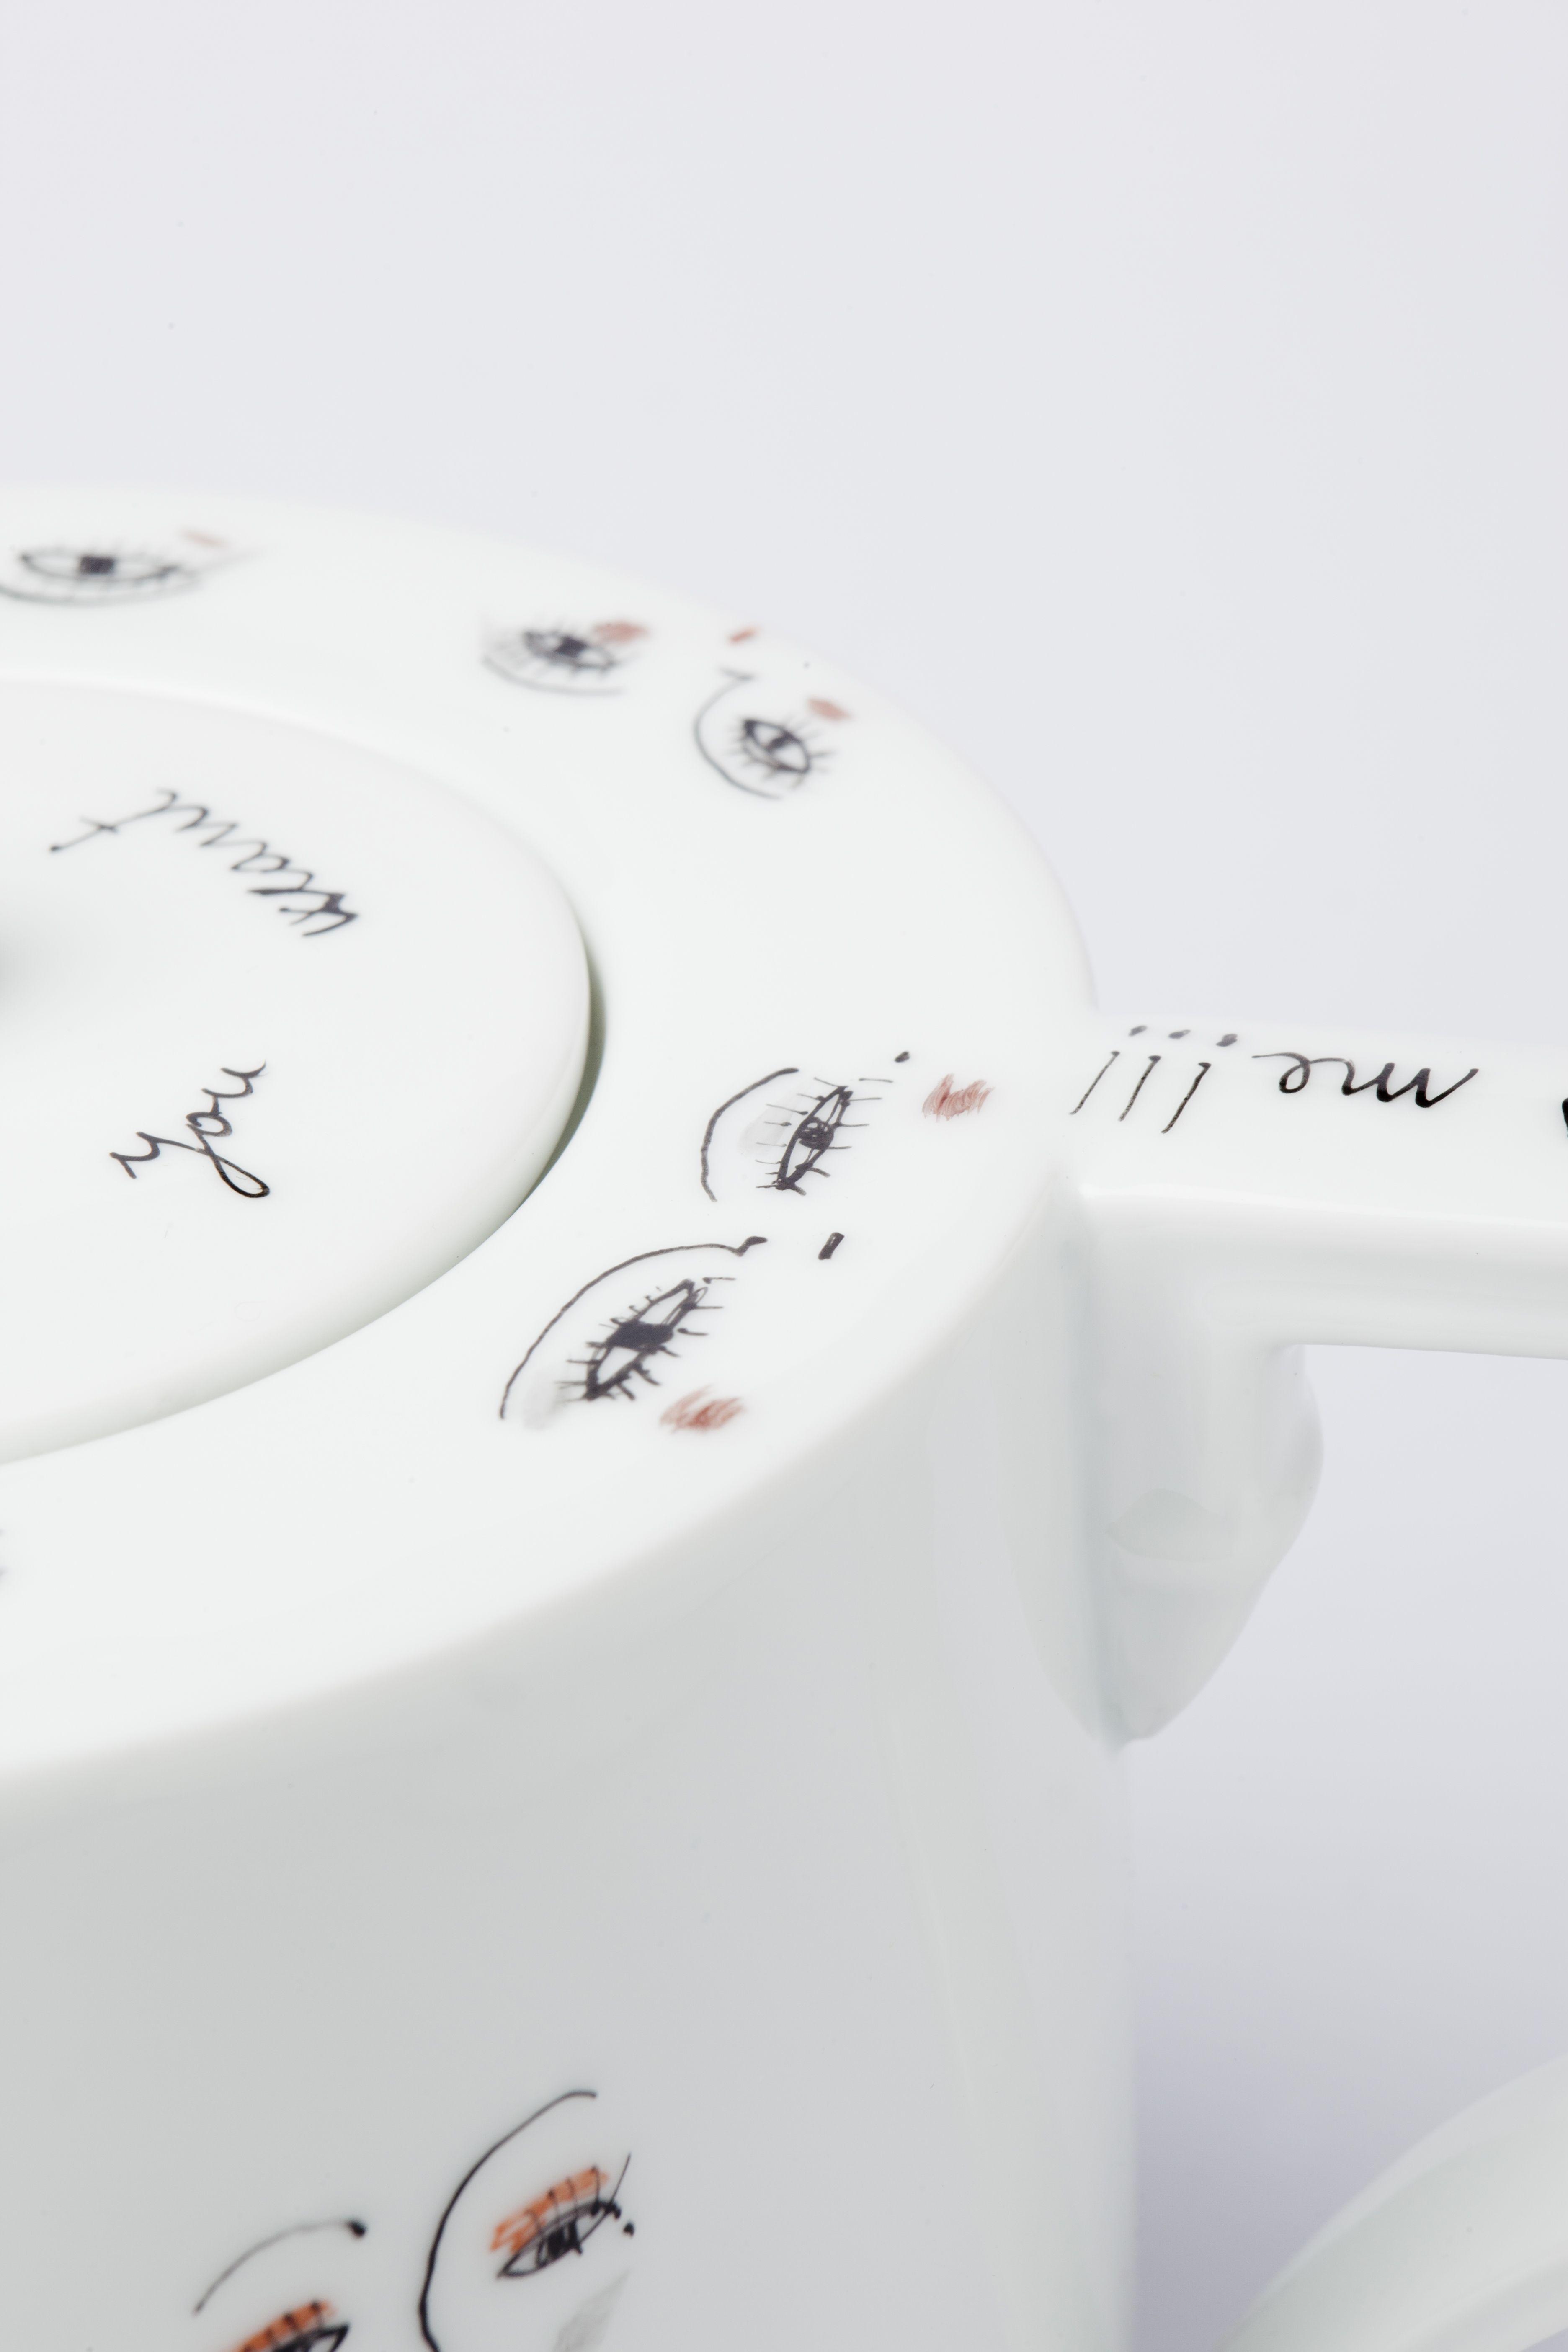 Teiera in porcellana bianca Richard Ginori dipinta a mano. Delicati occhietti disegnati a pennino, dall'artista italiana